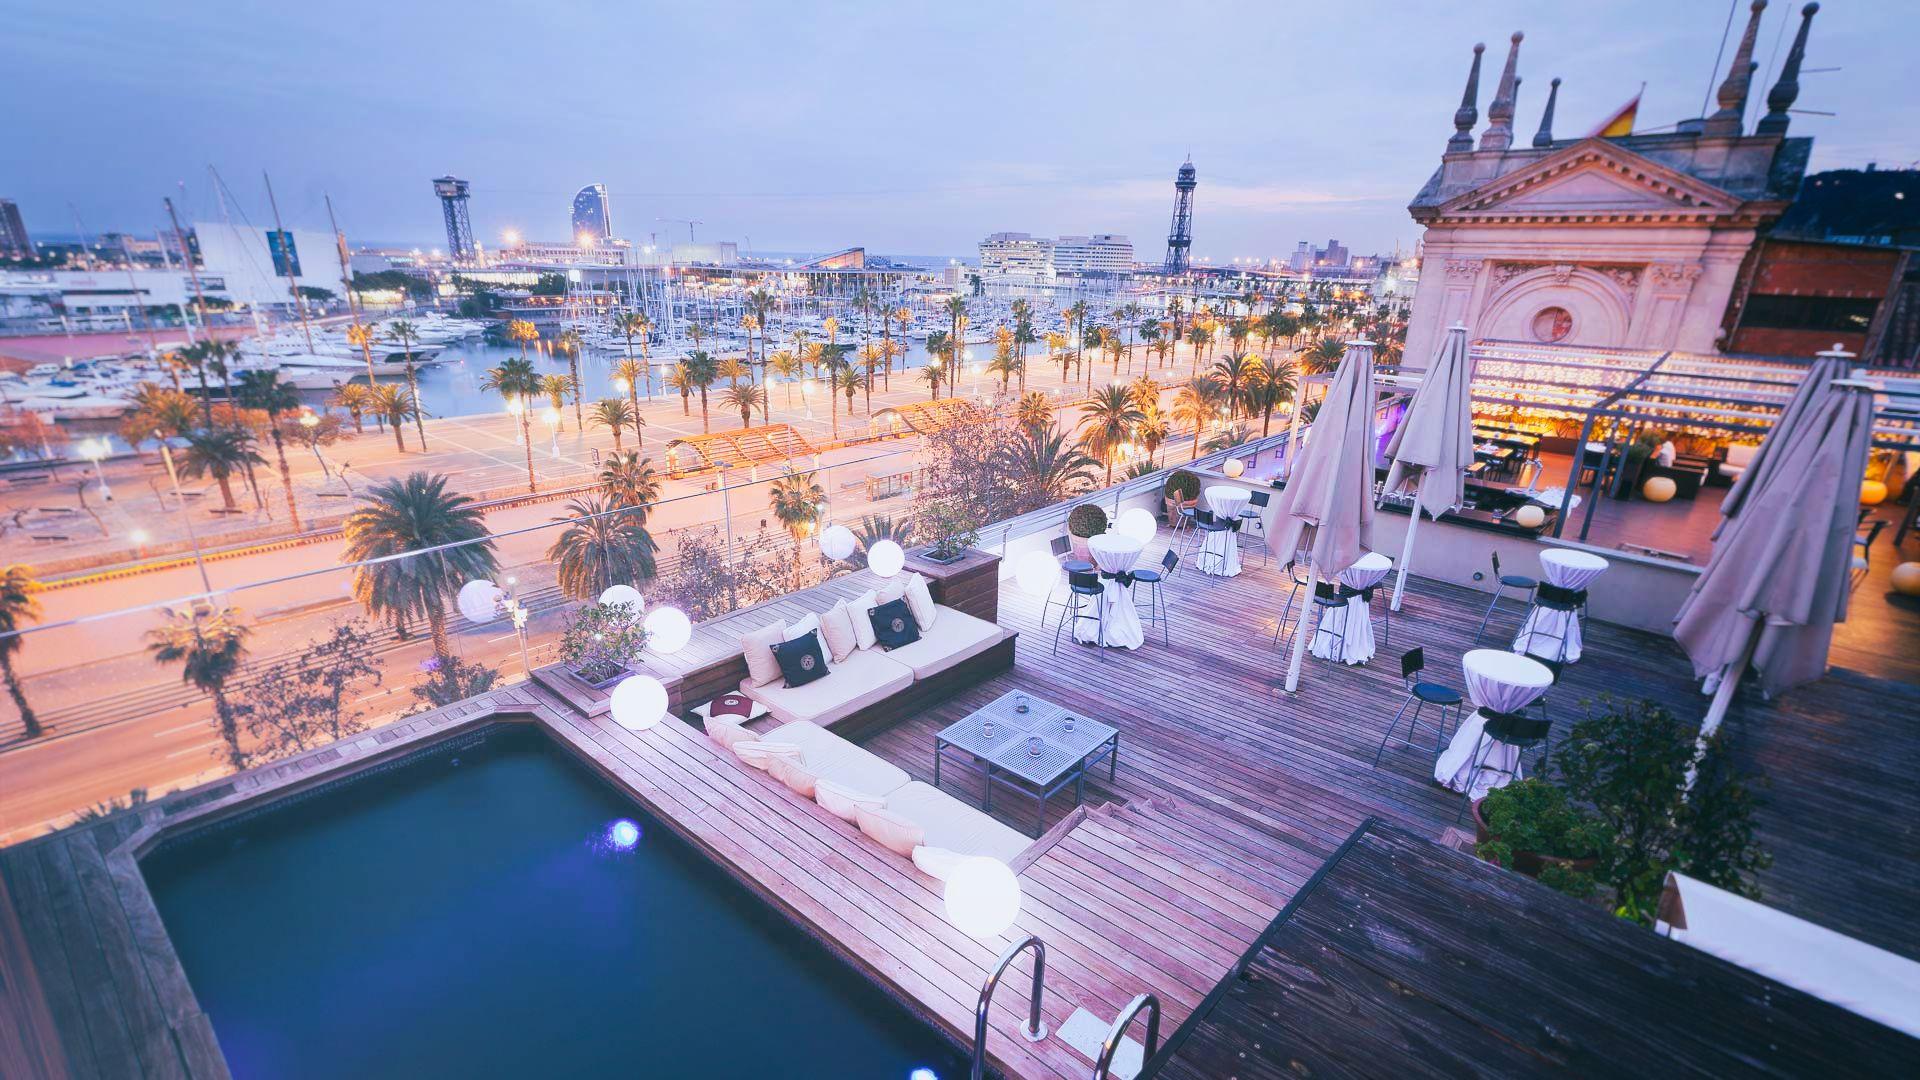 HOTEL DUQUESA DE CARDONA   Just in front of the port, affordable drinks -  El Gòtic